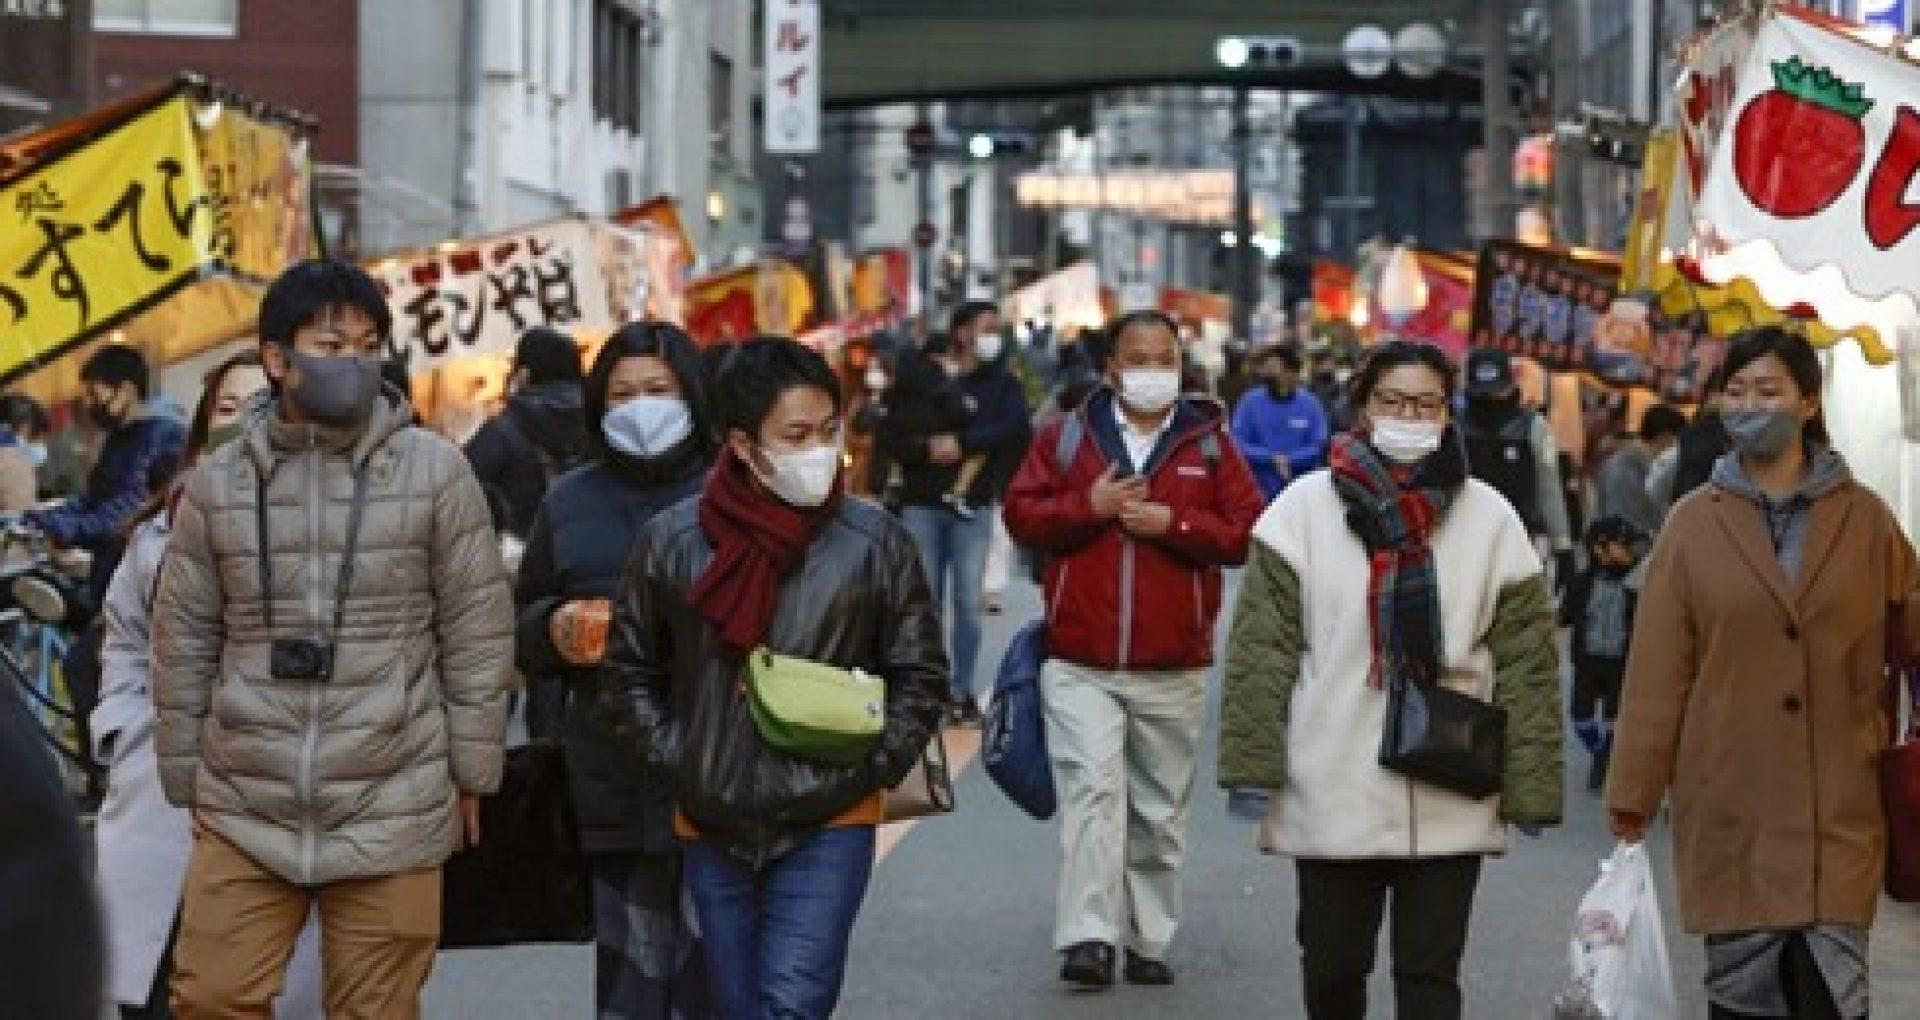 Echipa internațională de cercetători OMS a ajuns la Wuhan pentru a investiga originea virusului SARS-CoV-2